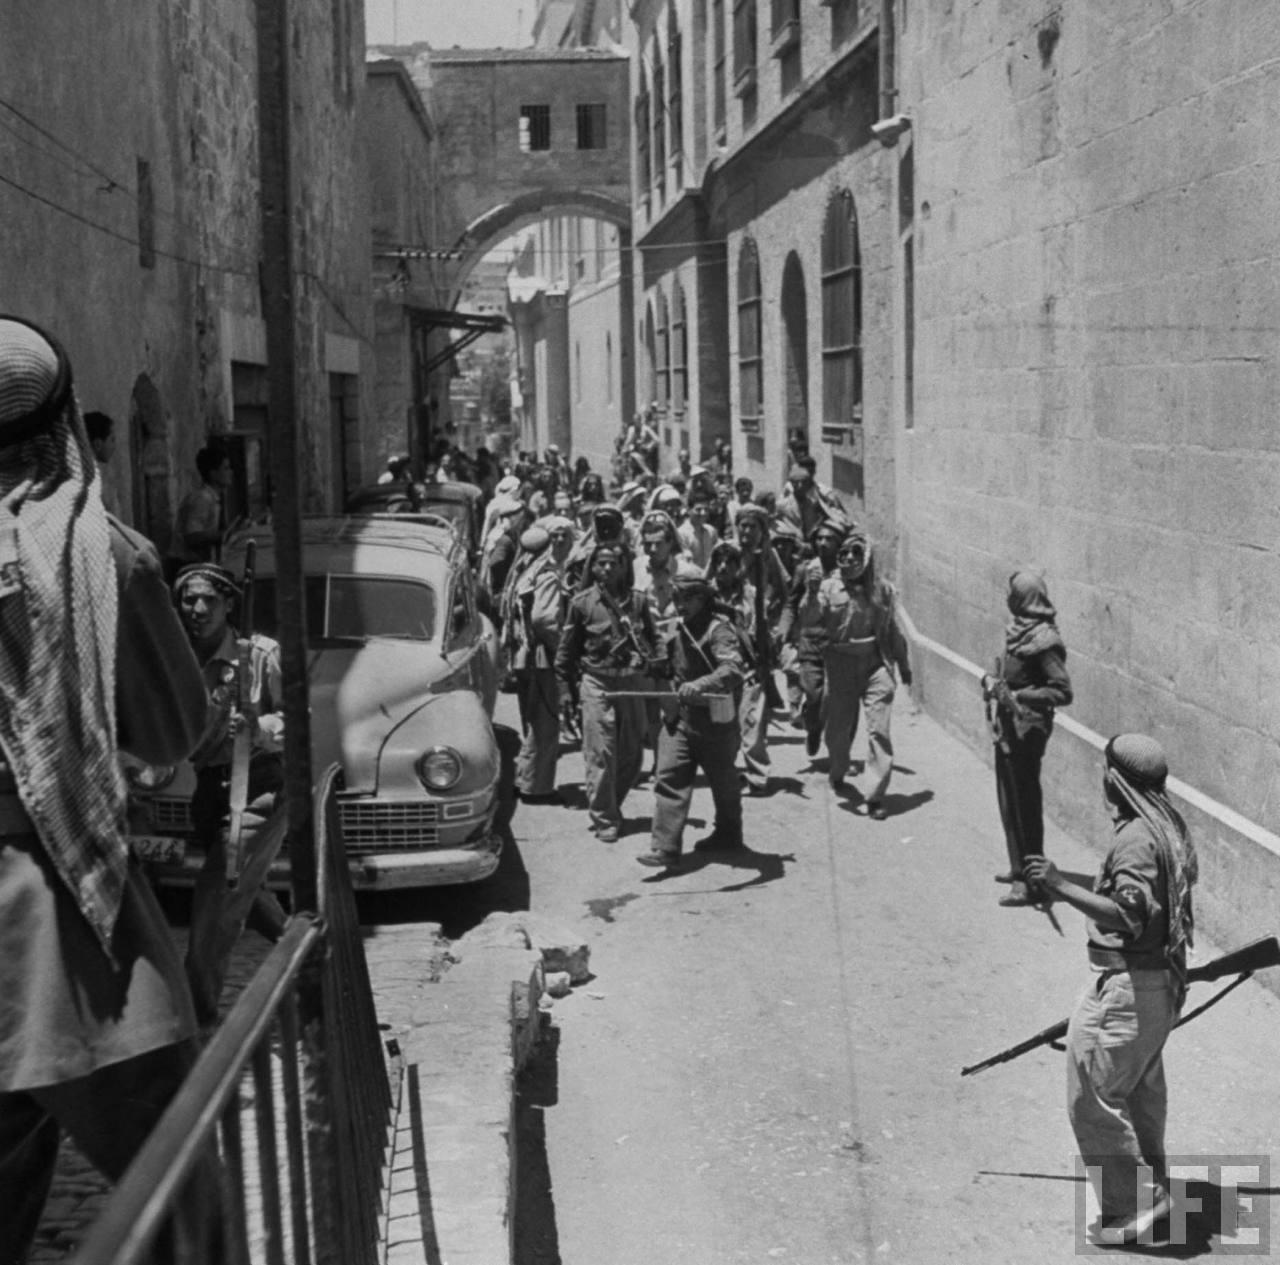 Еврейский военнопленные в сопровождении арабских солдат. Июнь